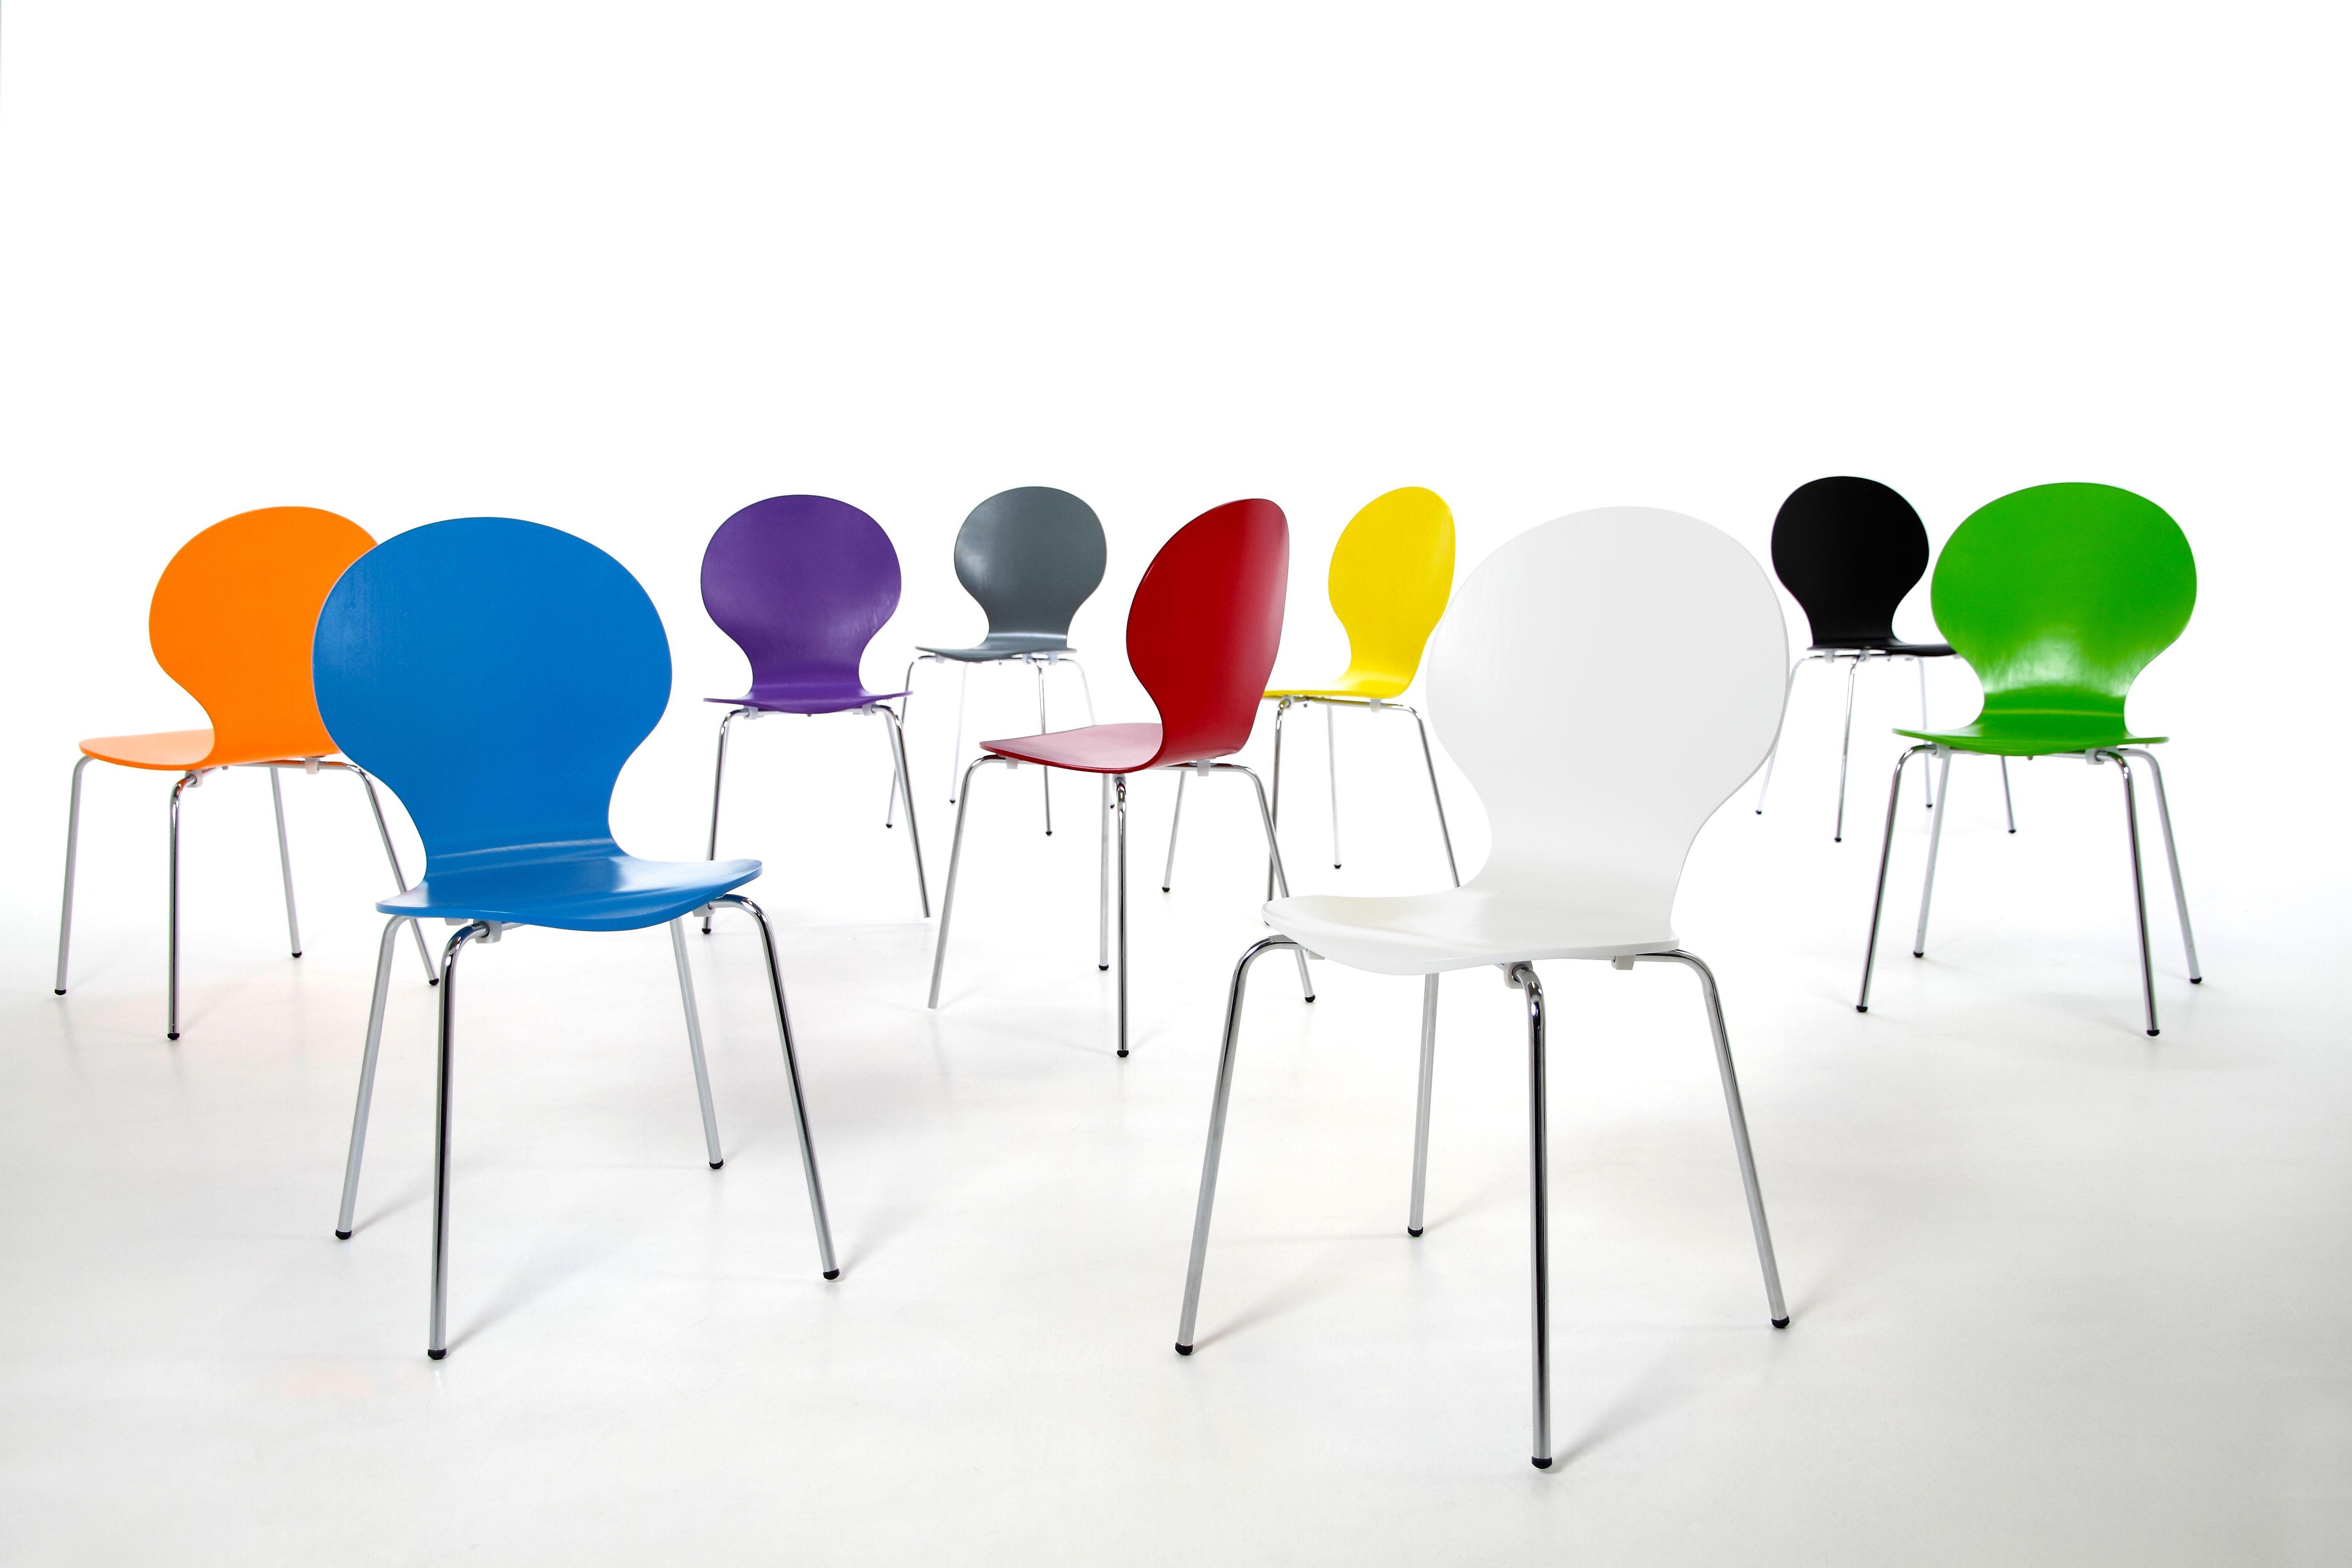 ontdek de goedkope eetkamerstoelen van stoelenconcurrent stoelenconcurrentnl blog